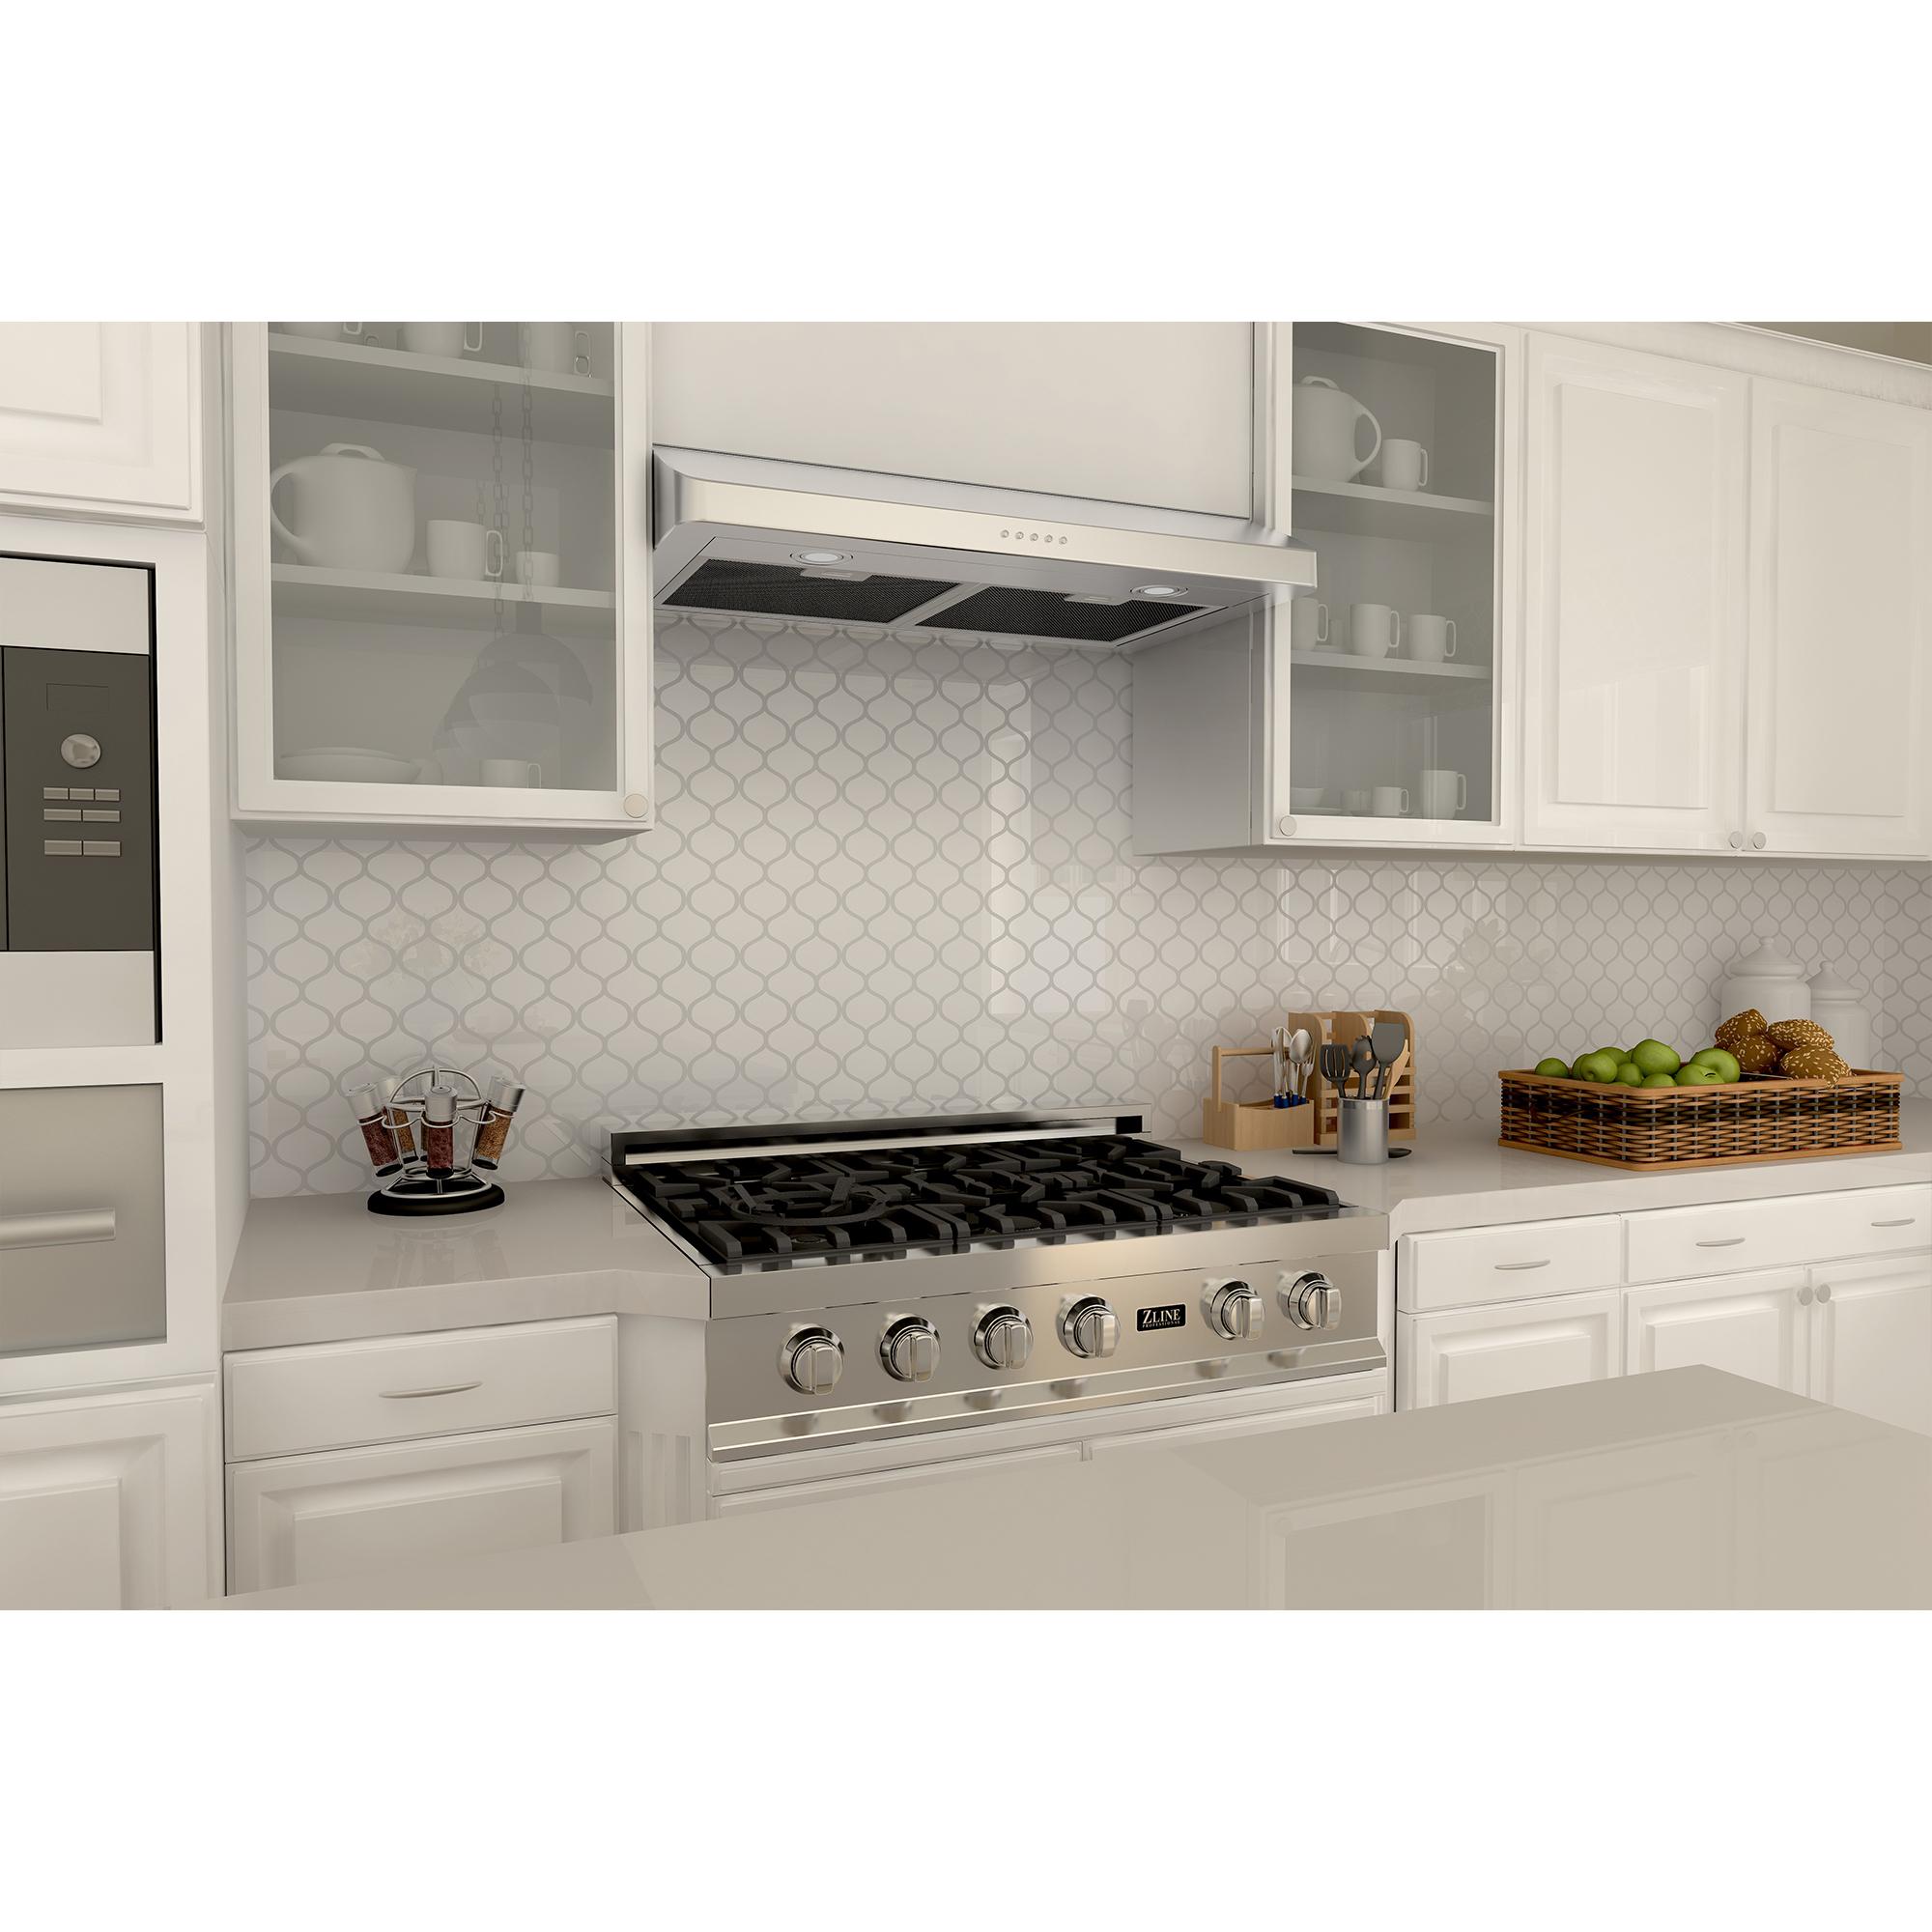 zline-stainless-steel-under-cabinet-range-hood-617-kitchen-updated-3.jpg